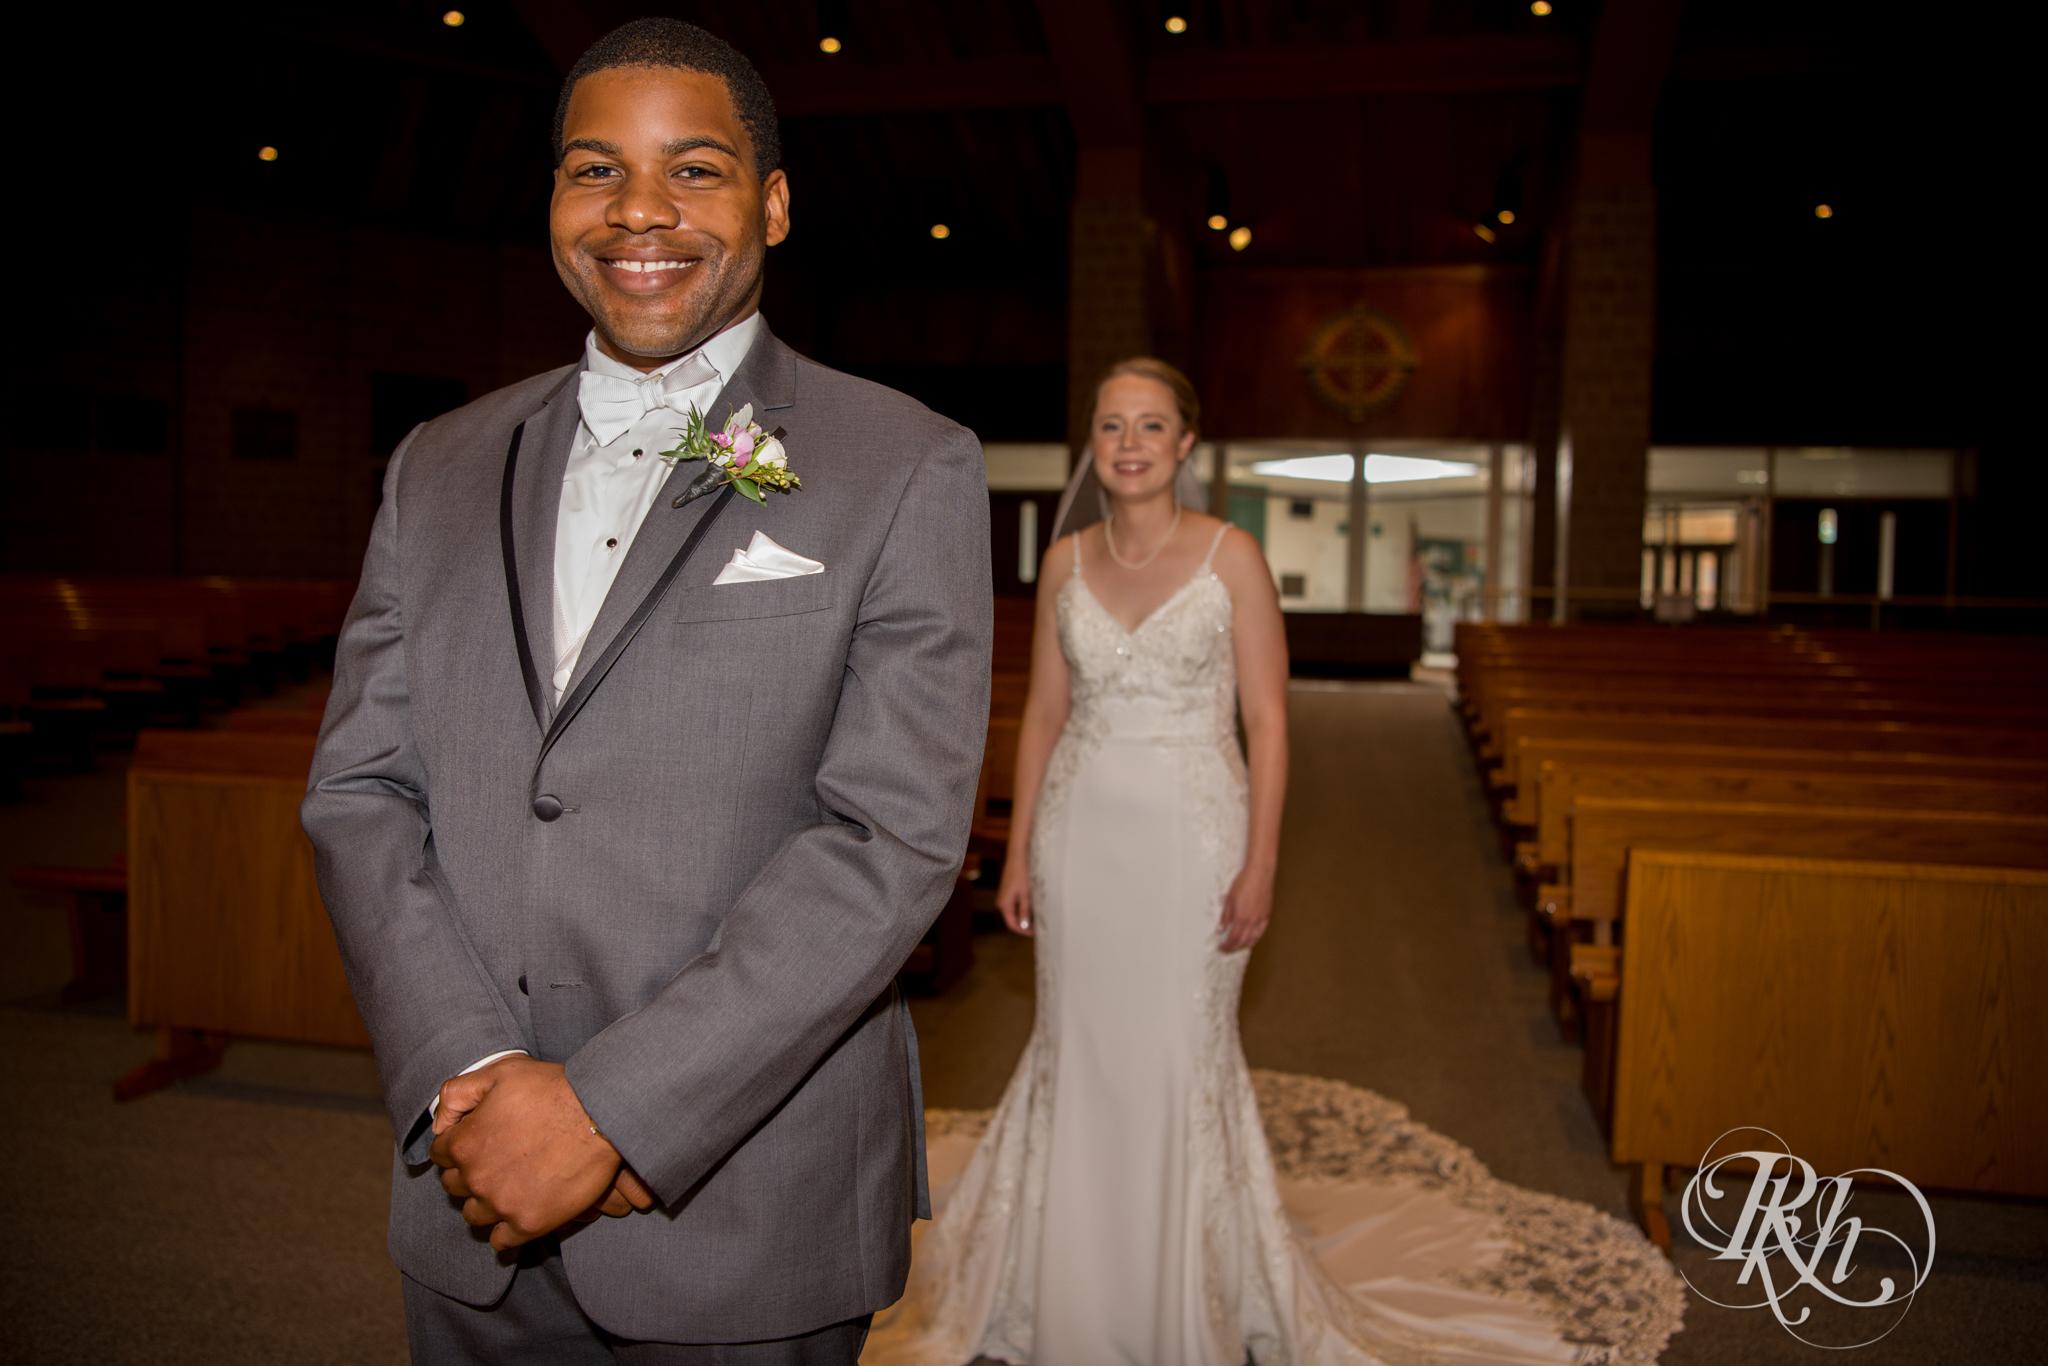 Laura and Adekunle - Minnesota Wedding Photographer - Minnesota History Center - RKH Images - Blog (10 of 75).jpg